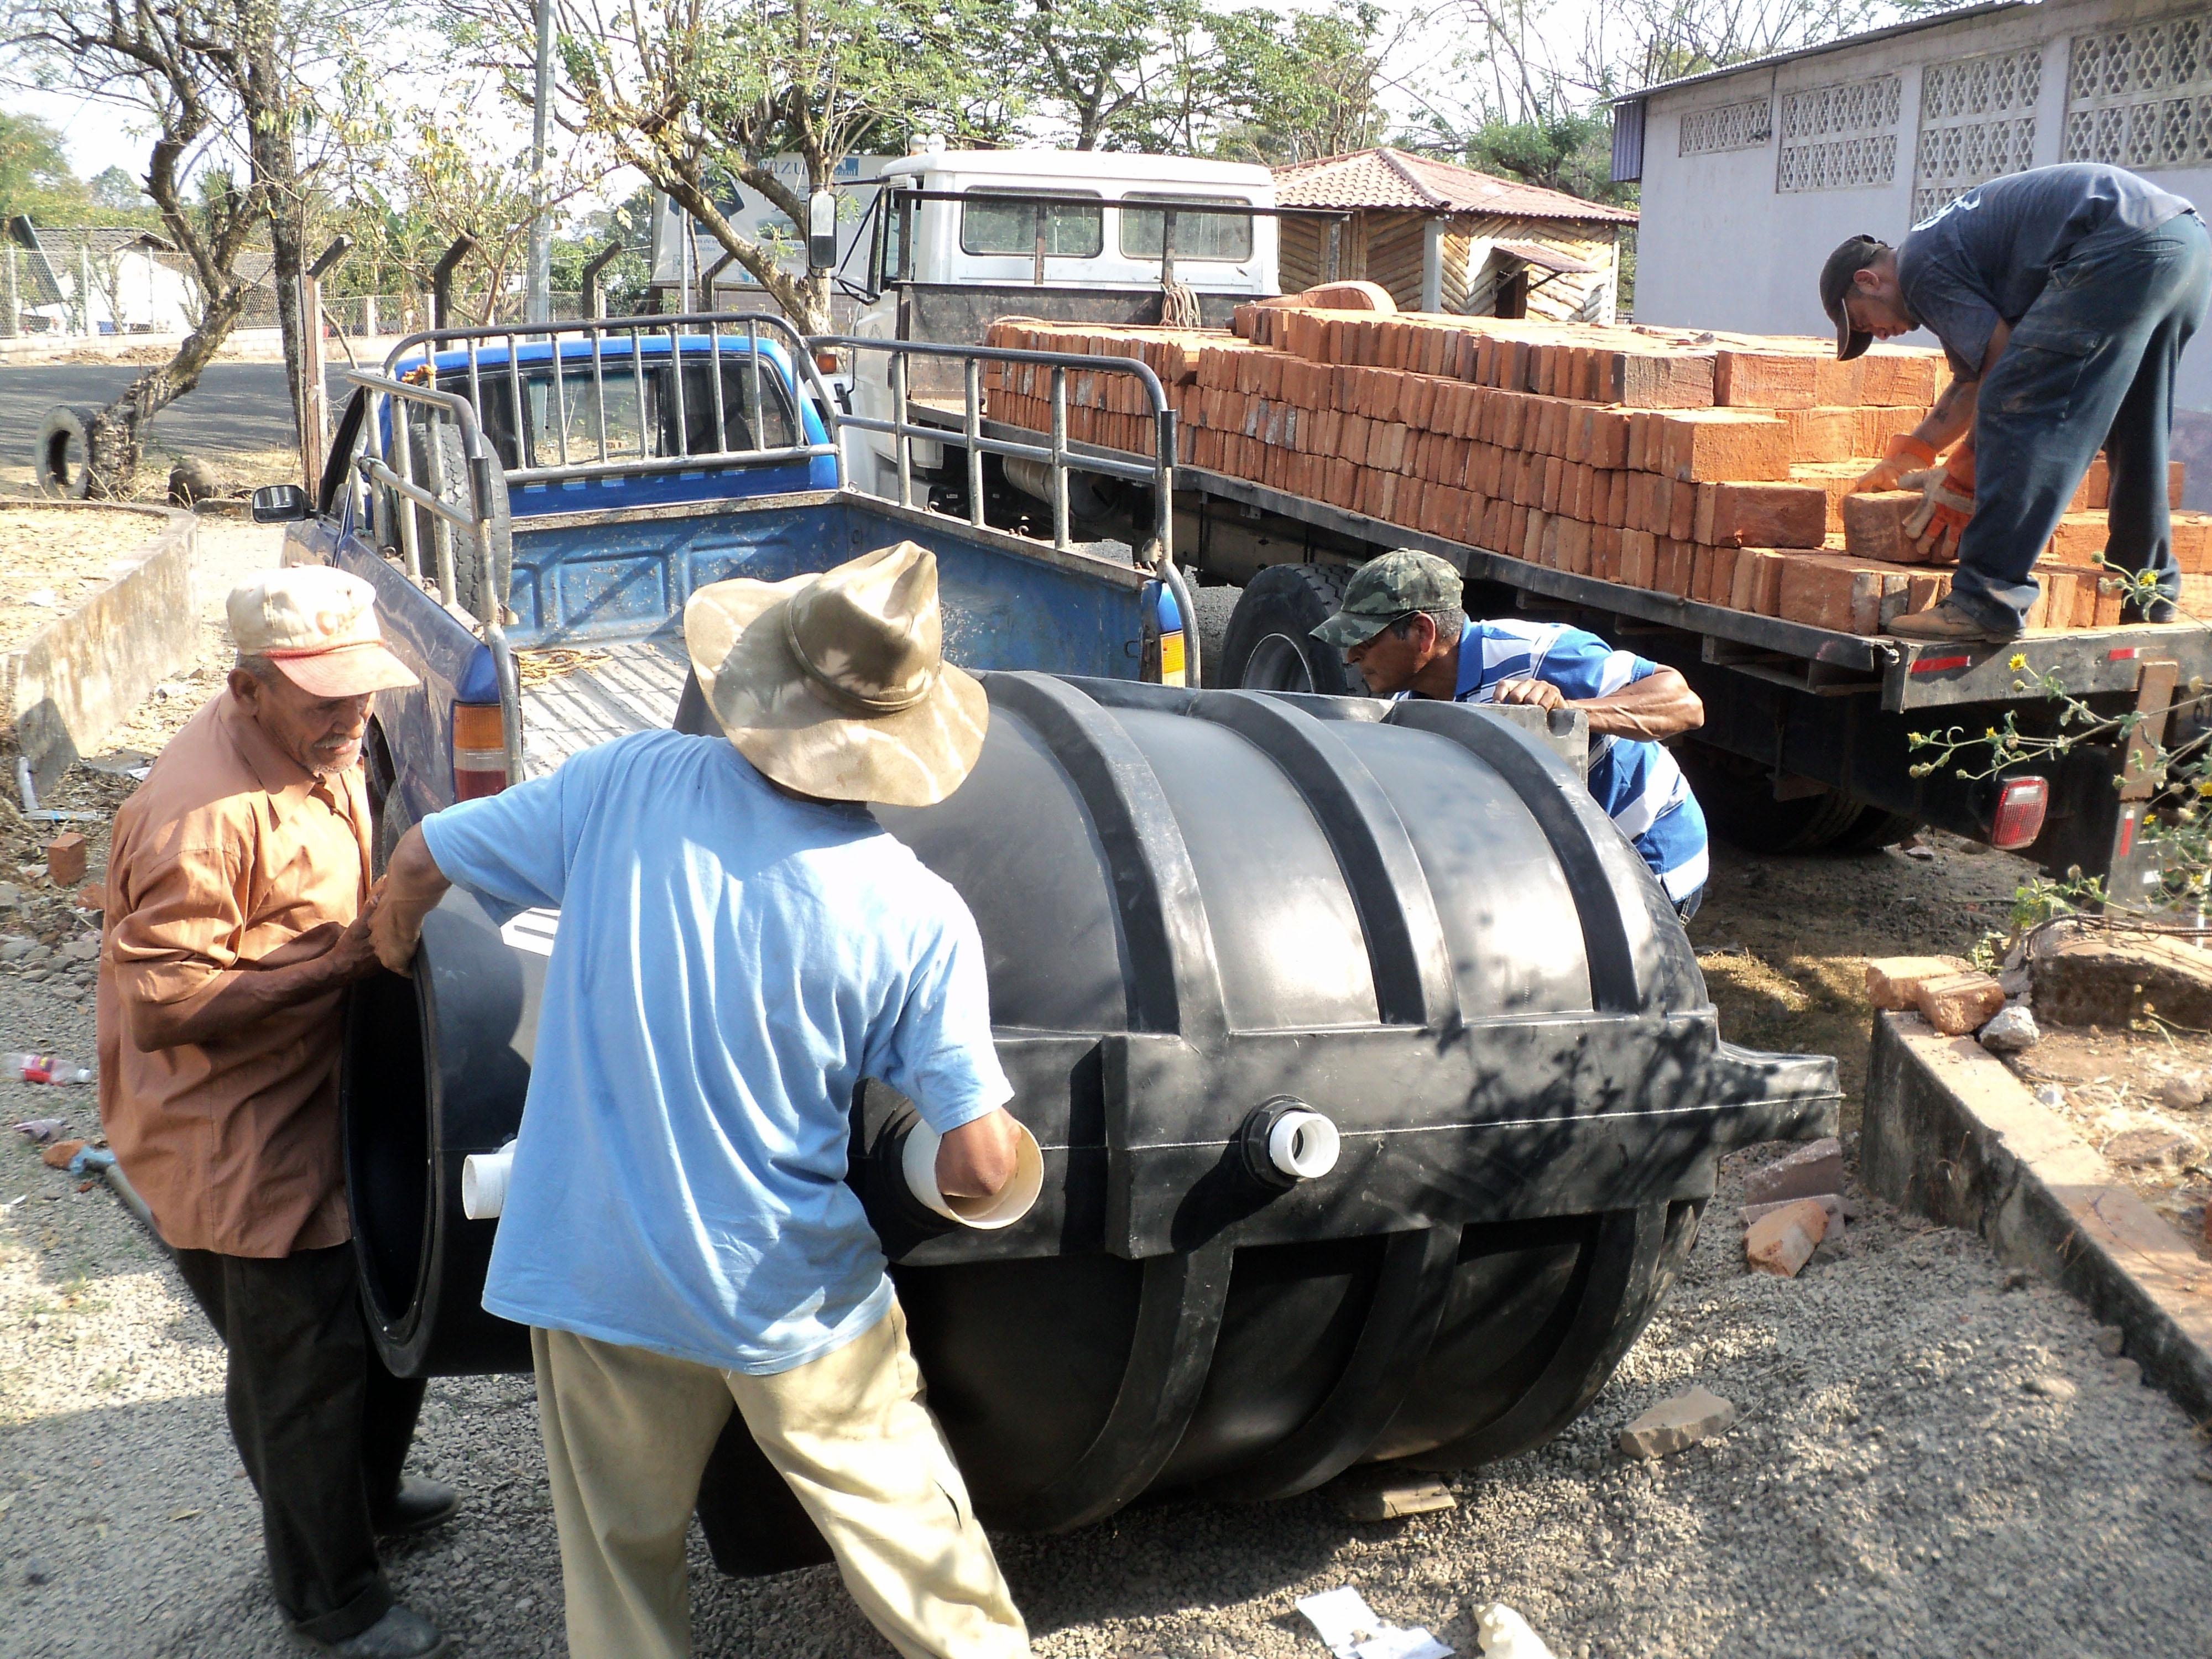 Mejora de las condiciones socio-sanitarias de la población del municipio de Jocoaitique a través de una mejor gestión ambiental (El Salvador)